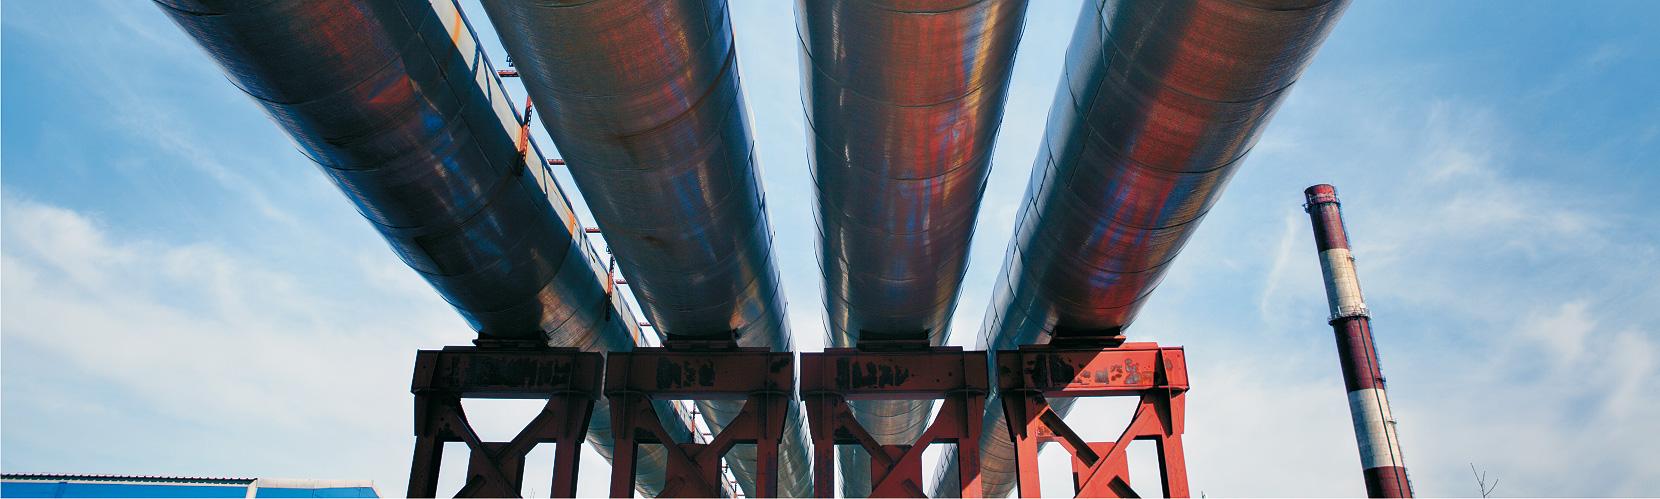 rs hannover pipeline equipment f r stahl und pe rohrleitungsbau schwei maschinen. Black Bedroom Furniture Sets. Home Design Ideas